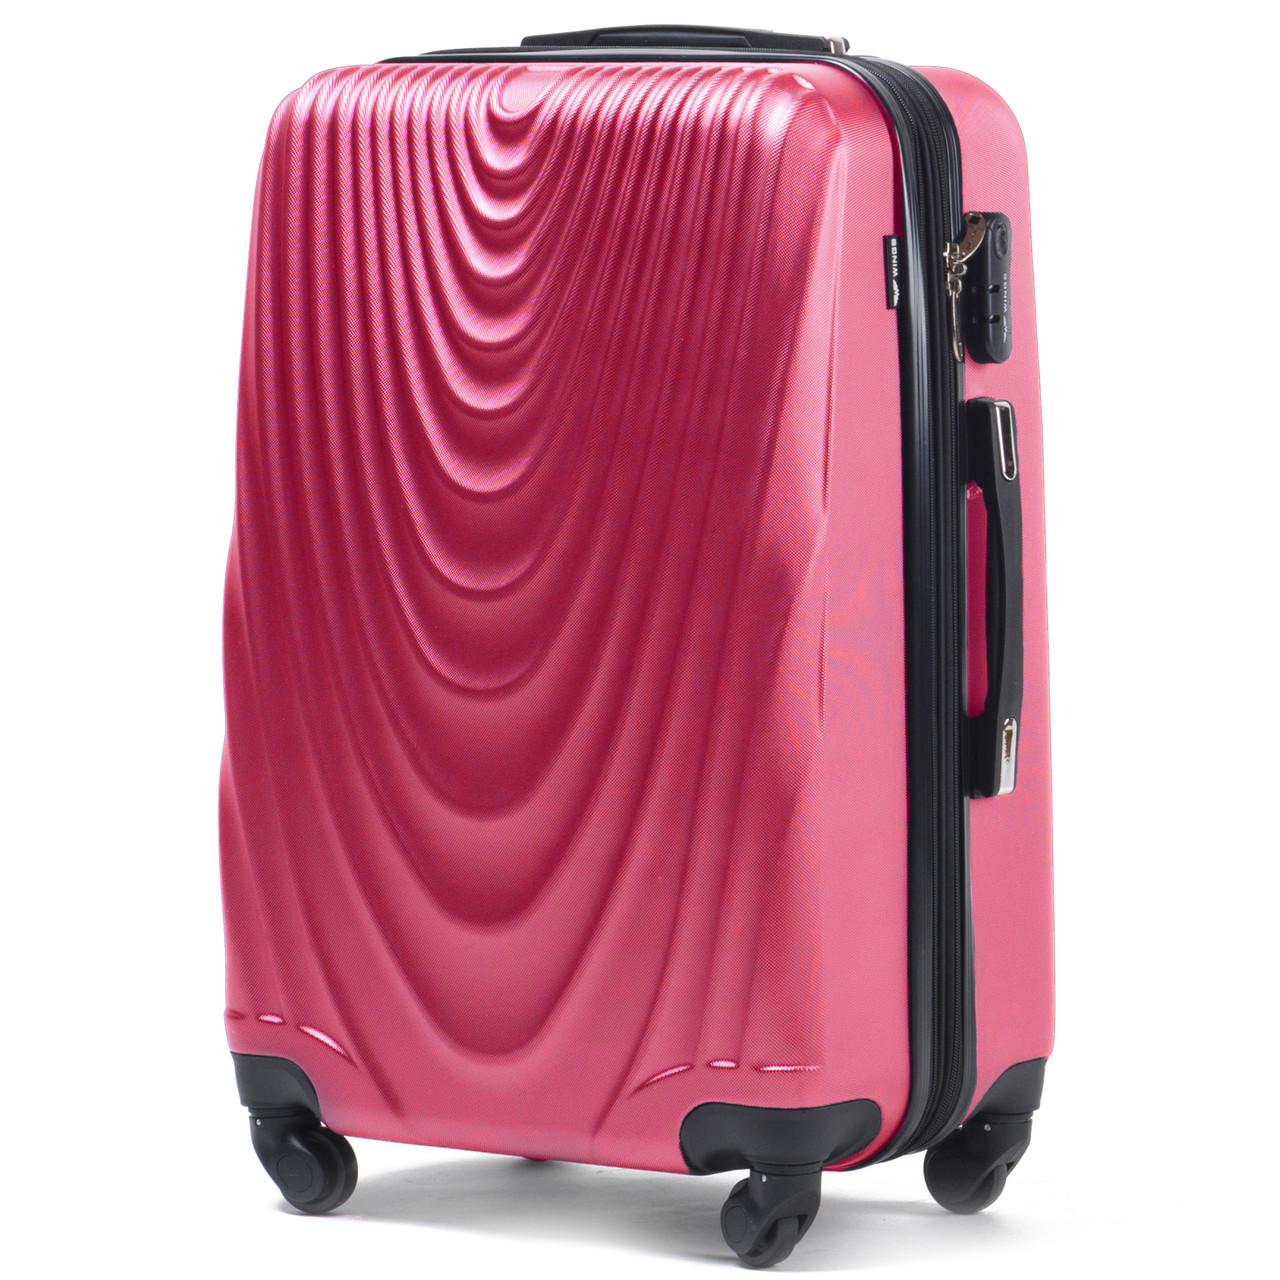 Большой пластиковый чемодан Wings 304 на 4 колесах розовый